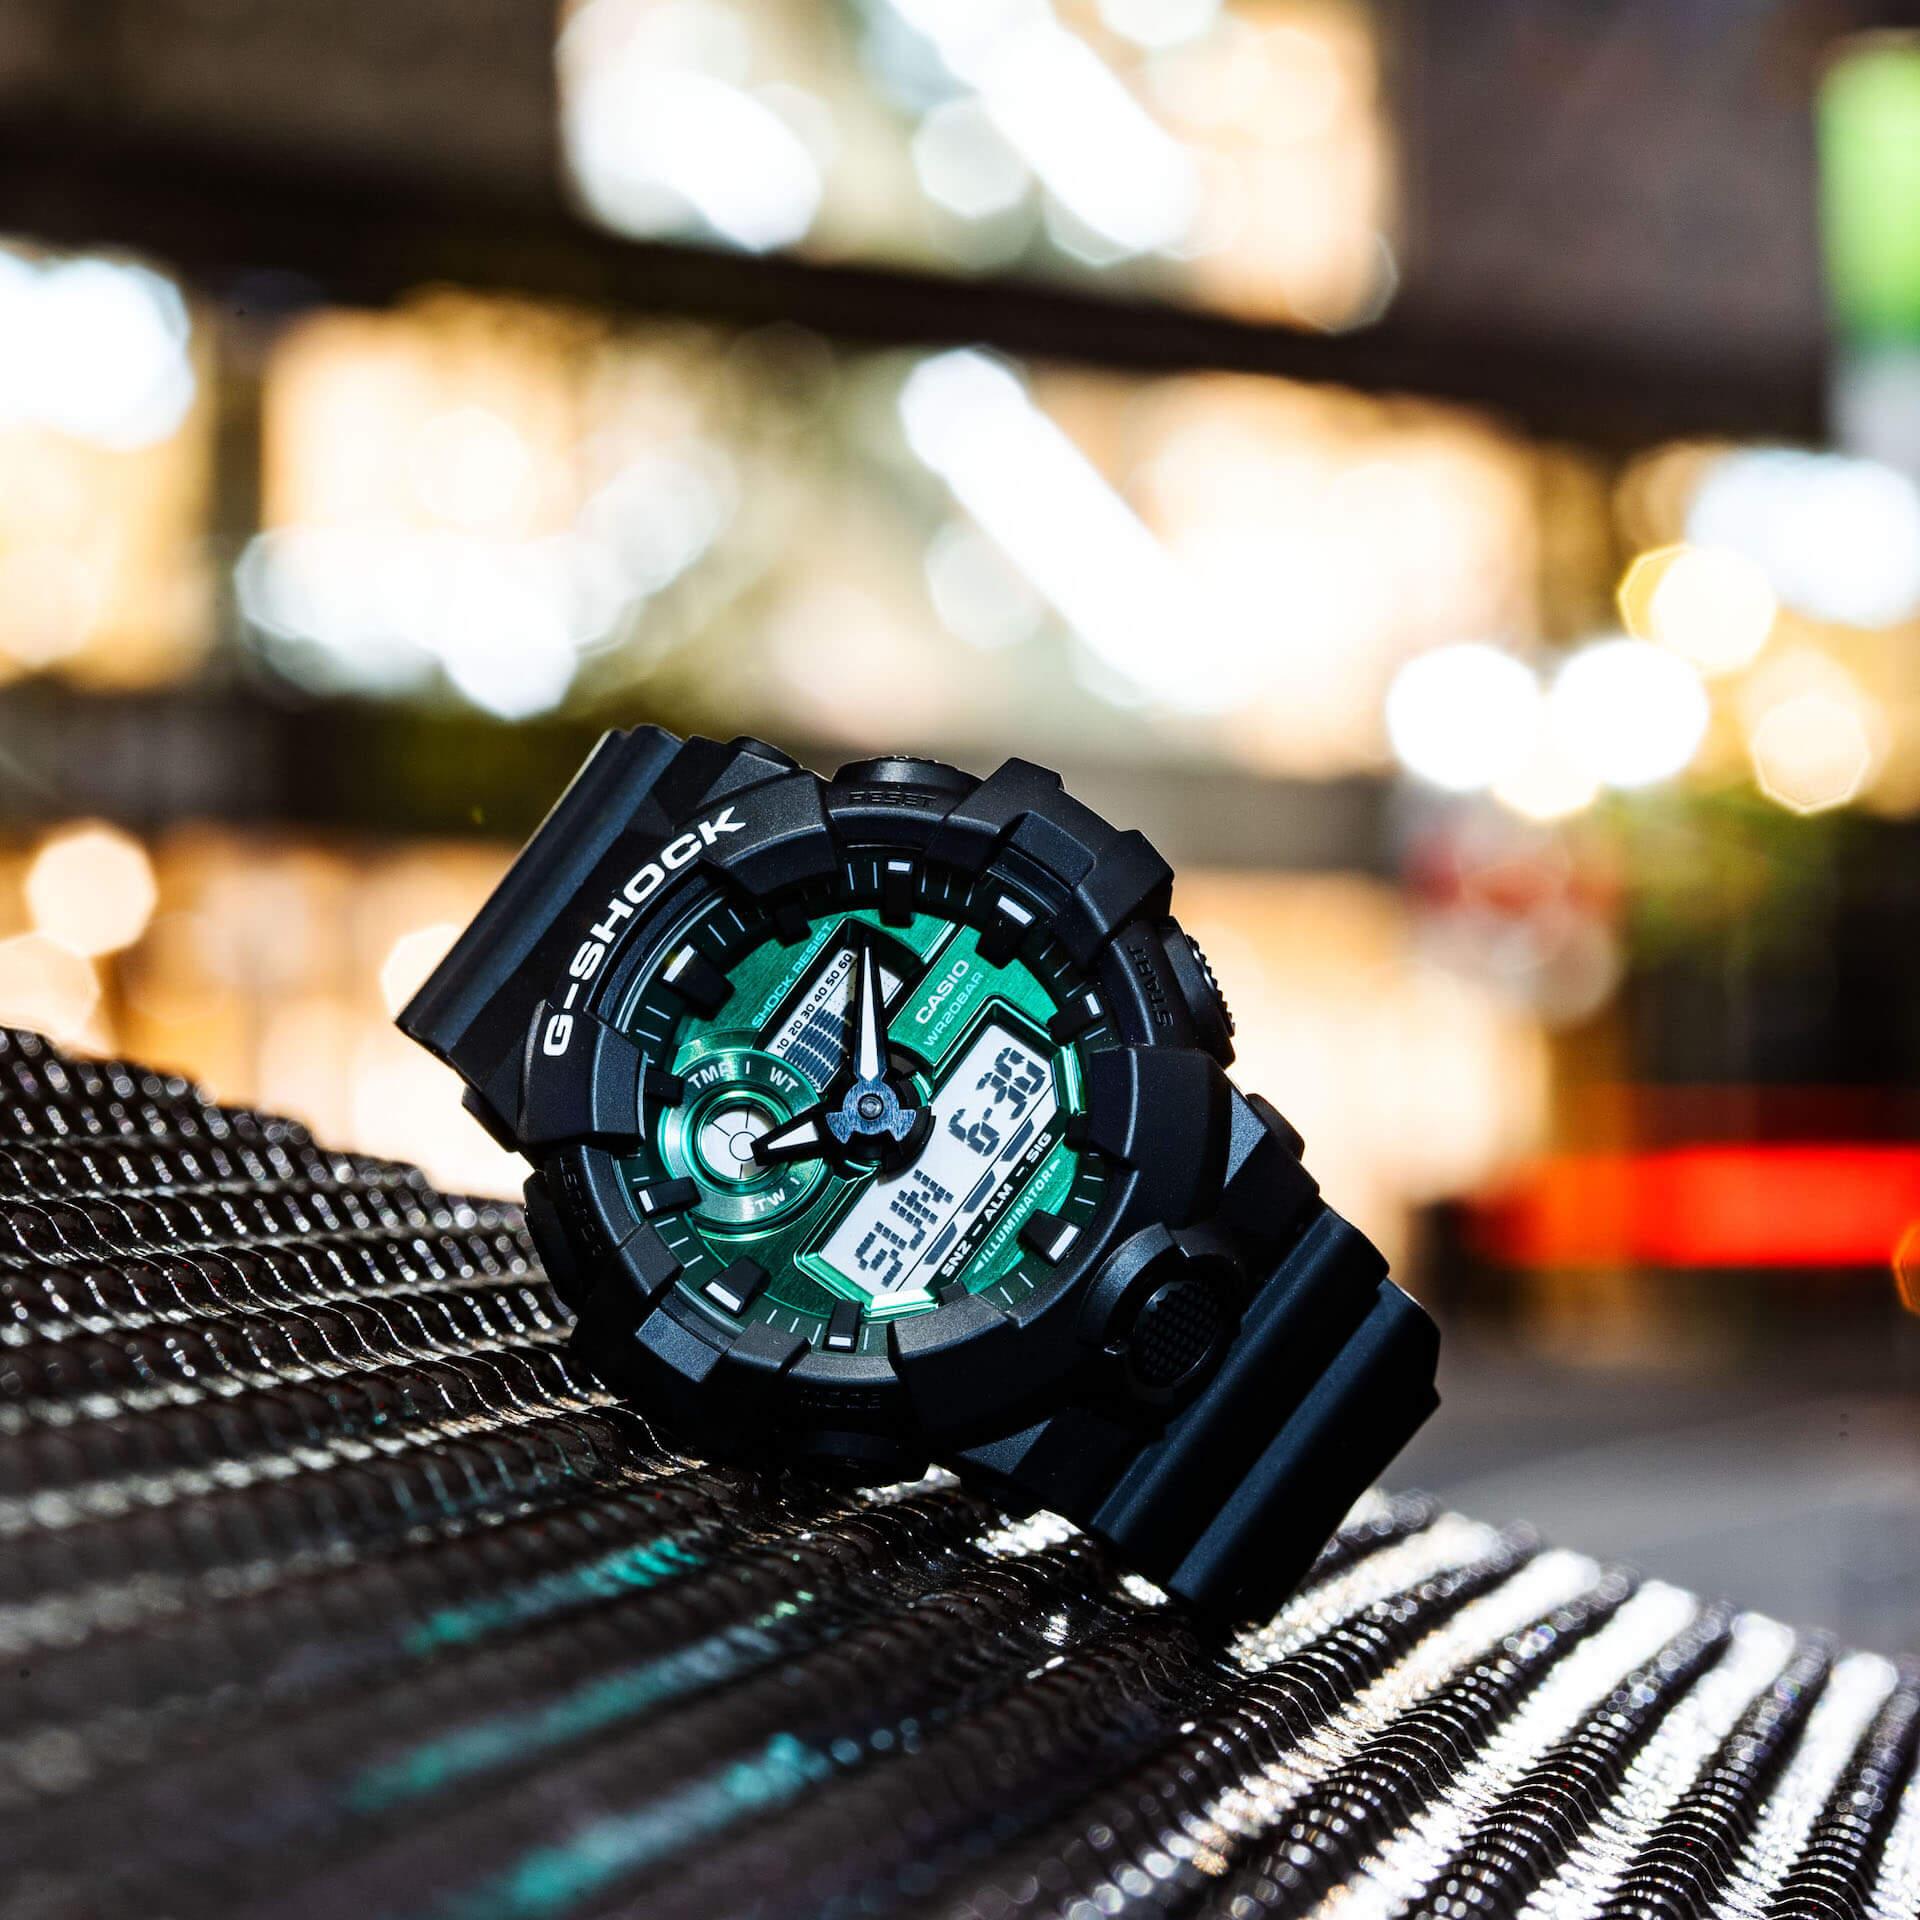 ブラック×グリーンが映えるG-SHOCKの新シリーズ「Black and Green Series」が登場! tech210415_gshock_7